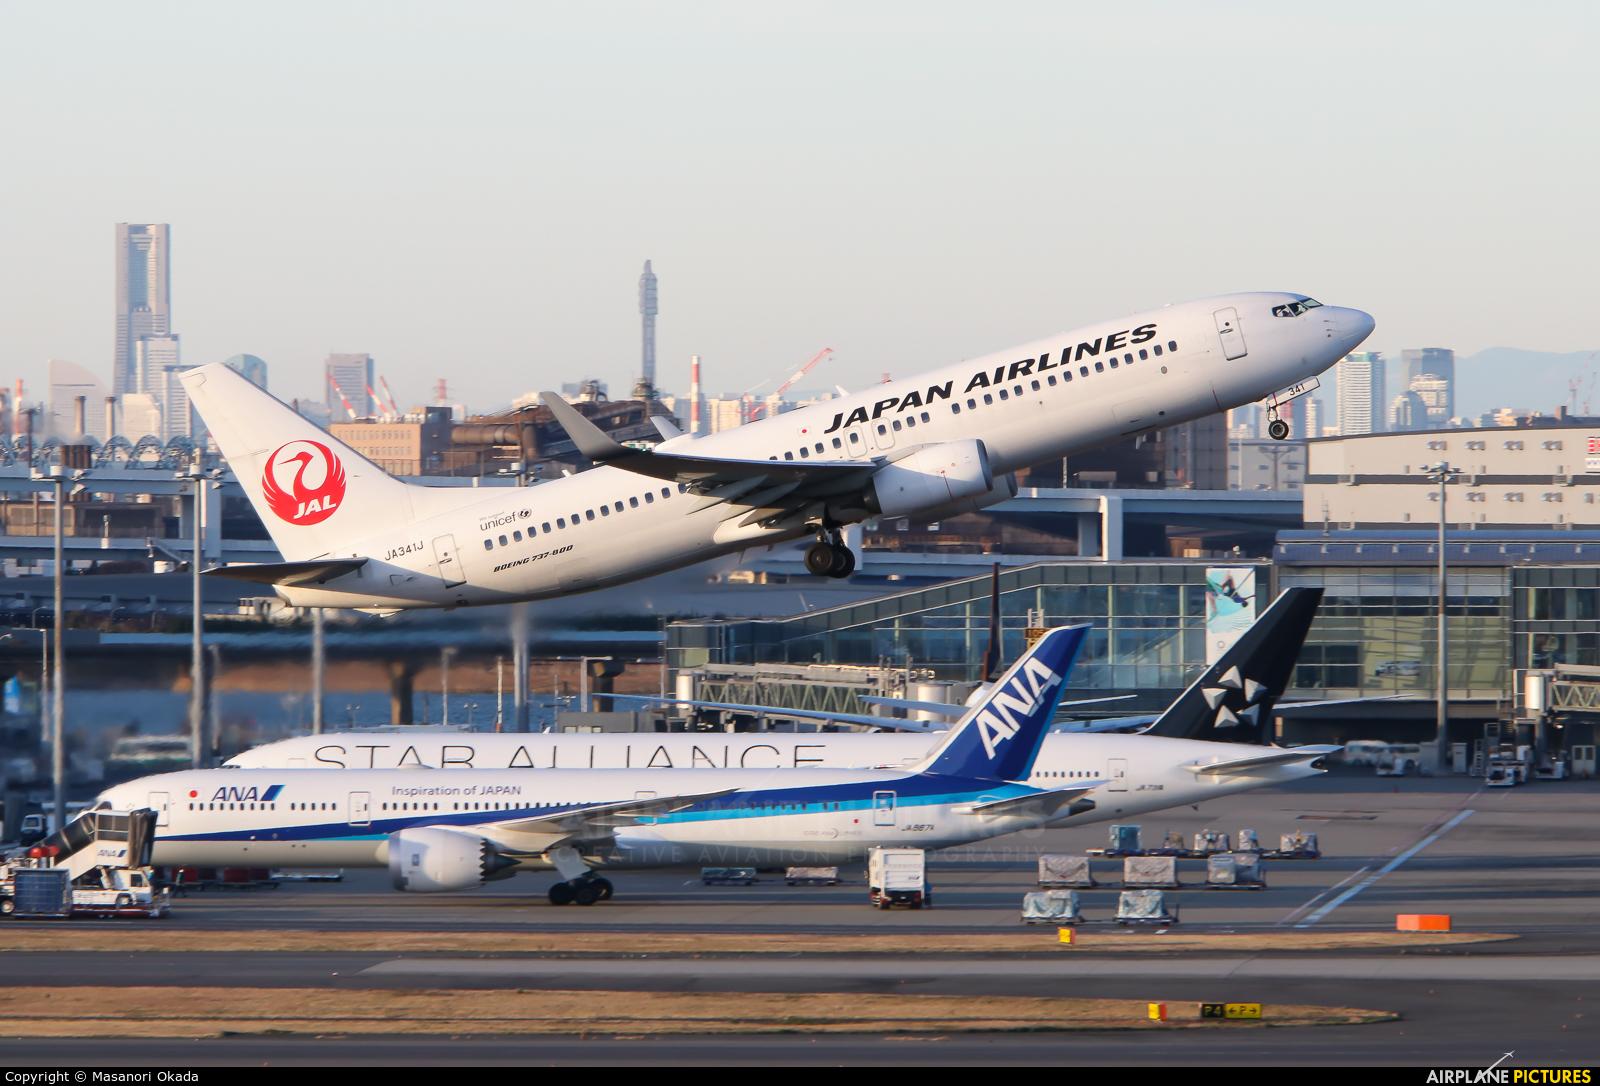 JAL - Japan Airlines JA341J aircraft at Tokyo - Haneda Intl